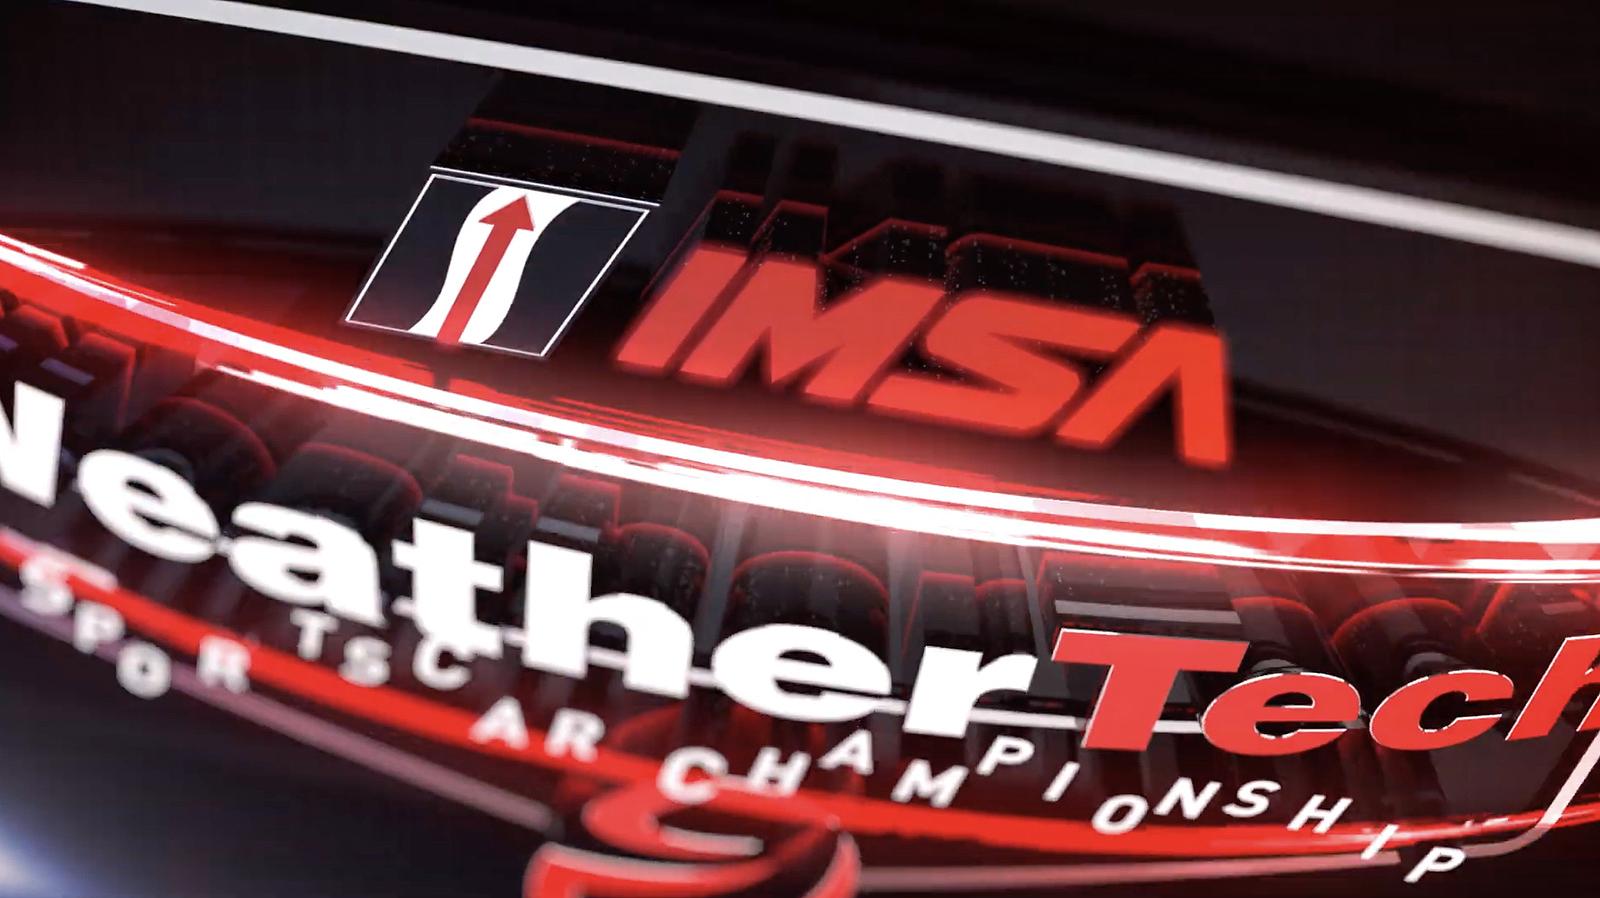 NCS_NBC-Sports_IMSA-Weathertech-Championship-Graphics_0010